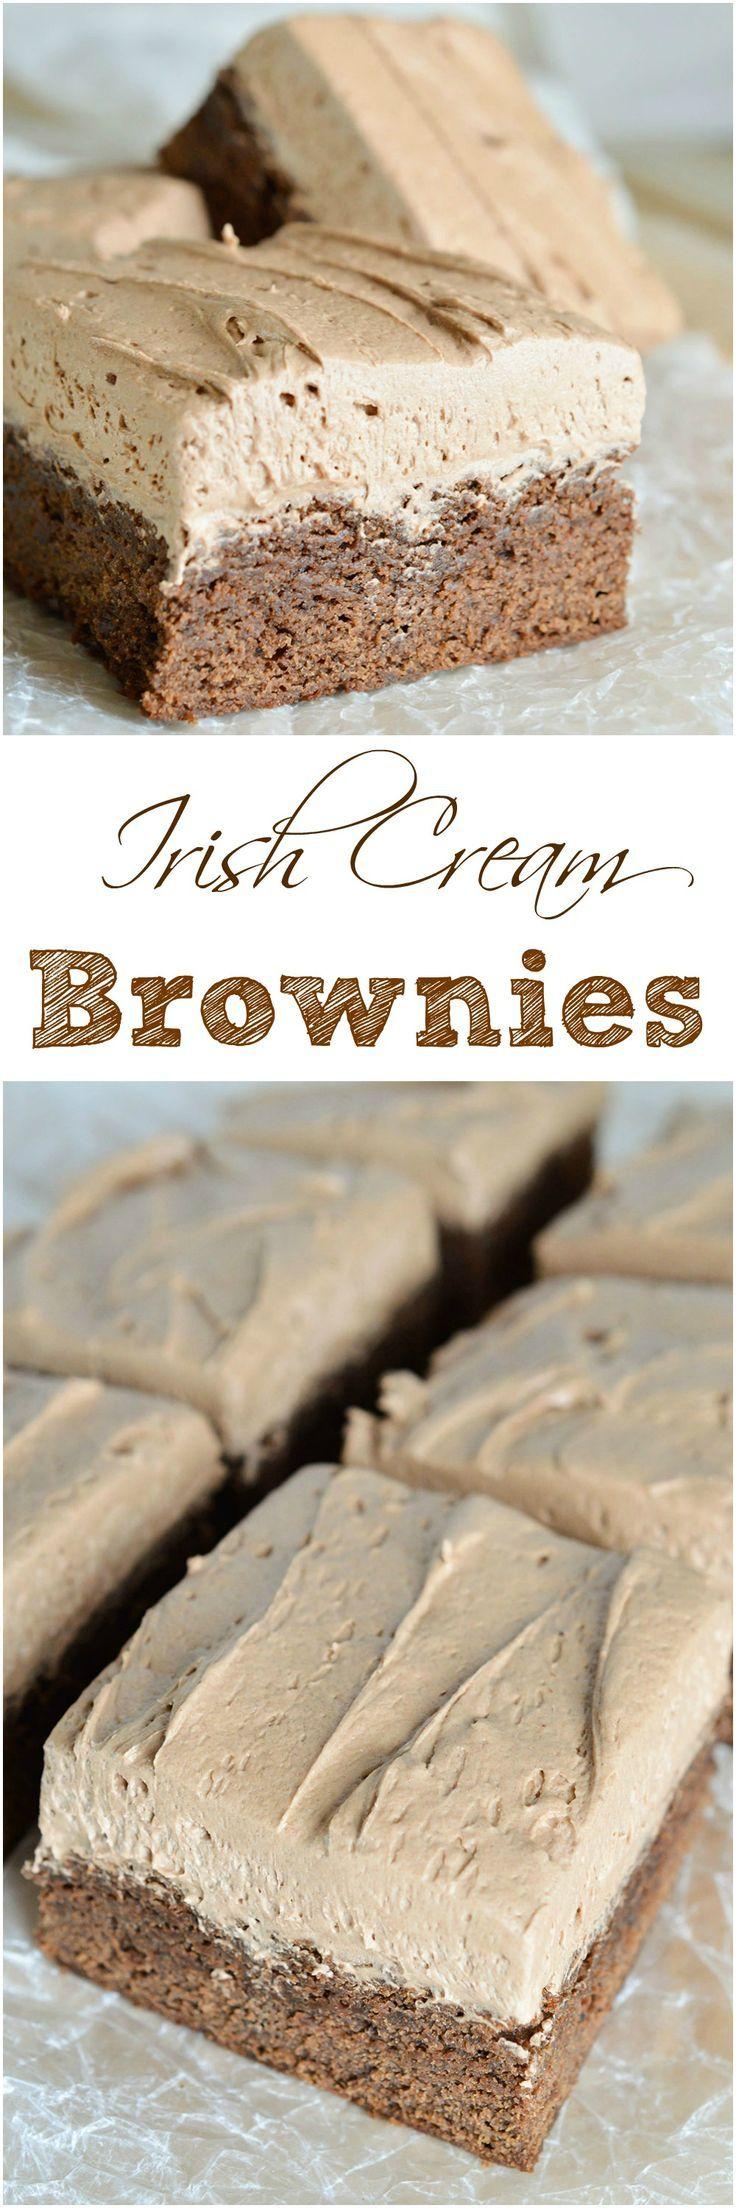 Irish Cream Chocolate Brownie